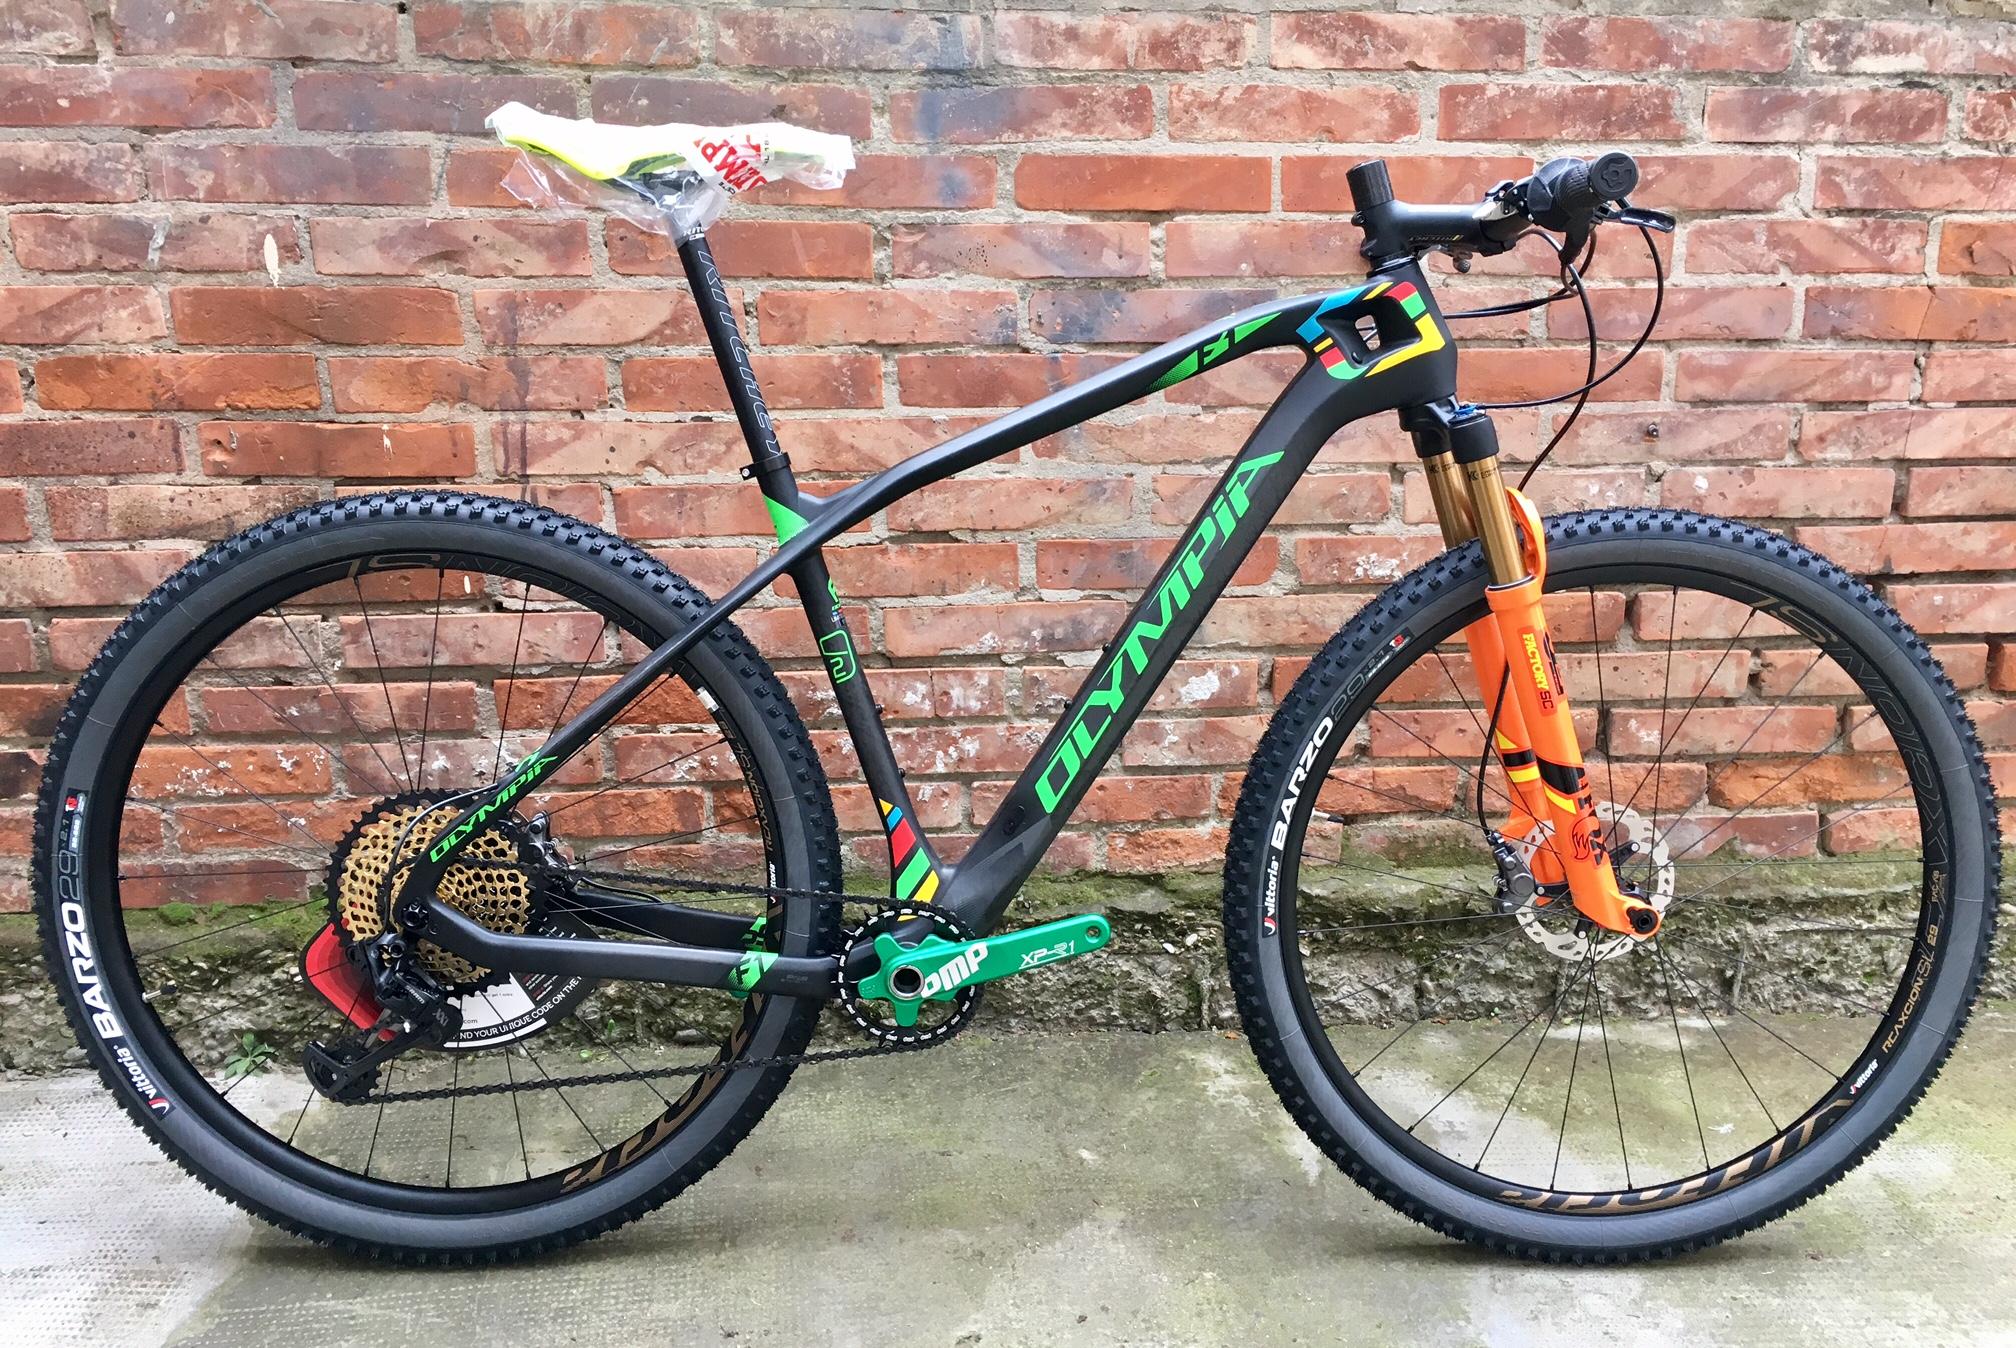 Olympia f1 replica zanetti cicli for The olympia